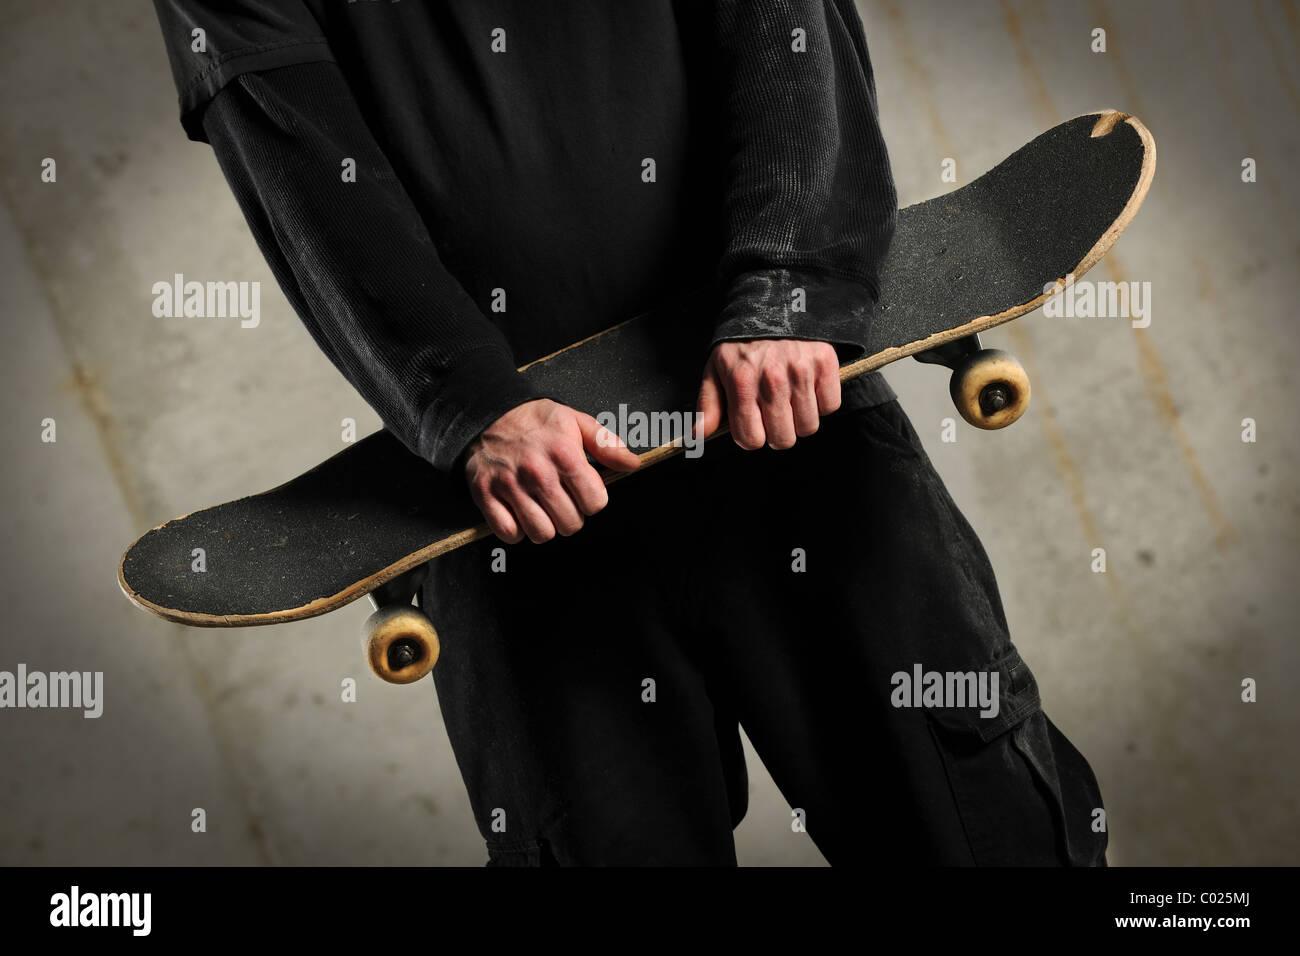 La sezione centrale dell'uomo azienda skateboard su sfondo di calcestruzzo con spotlight Immagini Stock